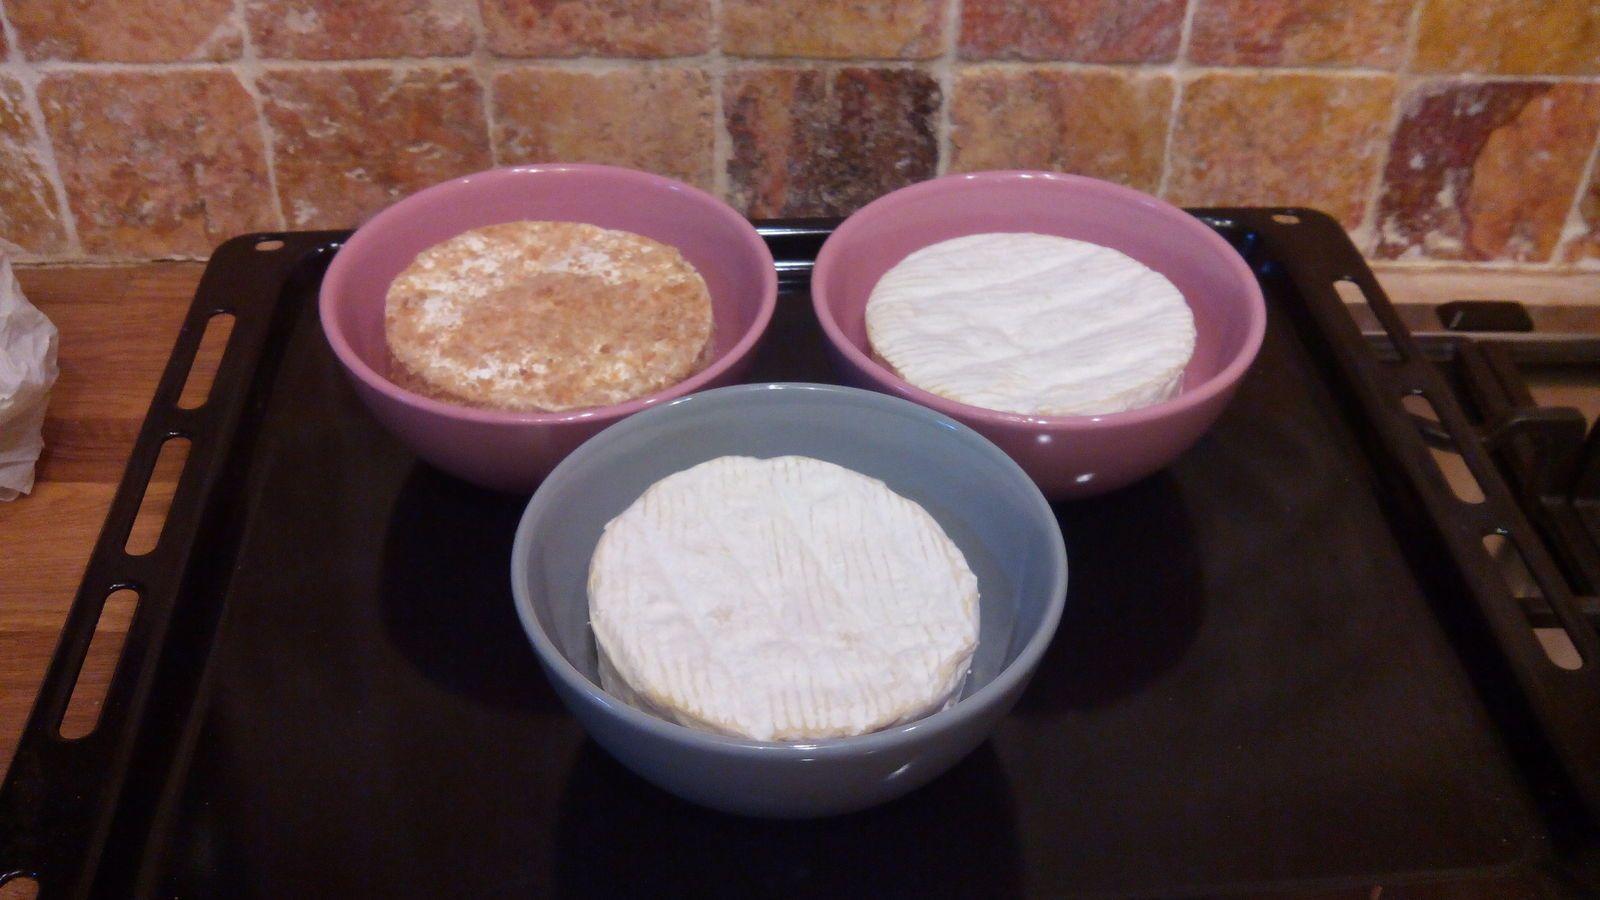 Mettez les 4 camembert dans 4 petits plats qui vont au four, découpez le dessus du camembert comme un chapeau et le remettre puis faites des trous sur tout le fromage , mettez les plats sur la plaque du four et enfournez à 200 °C pendant 15 à 20mn , surveillez lorsque le camembert sort sur les côtés , qu'il est fondant ,